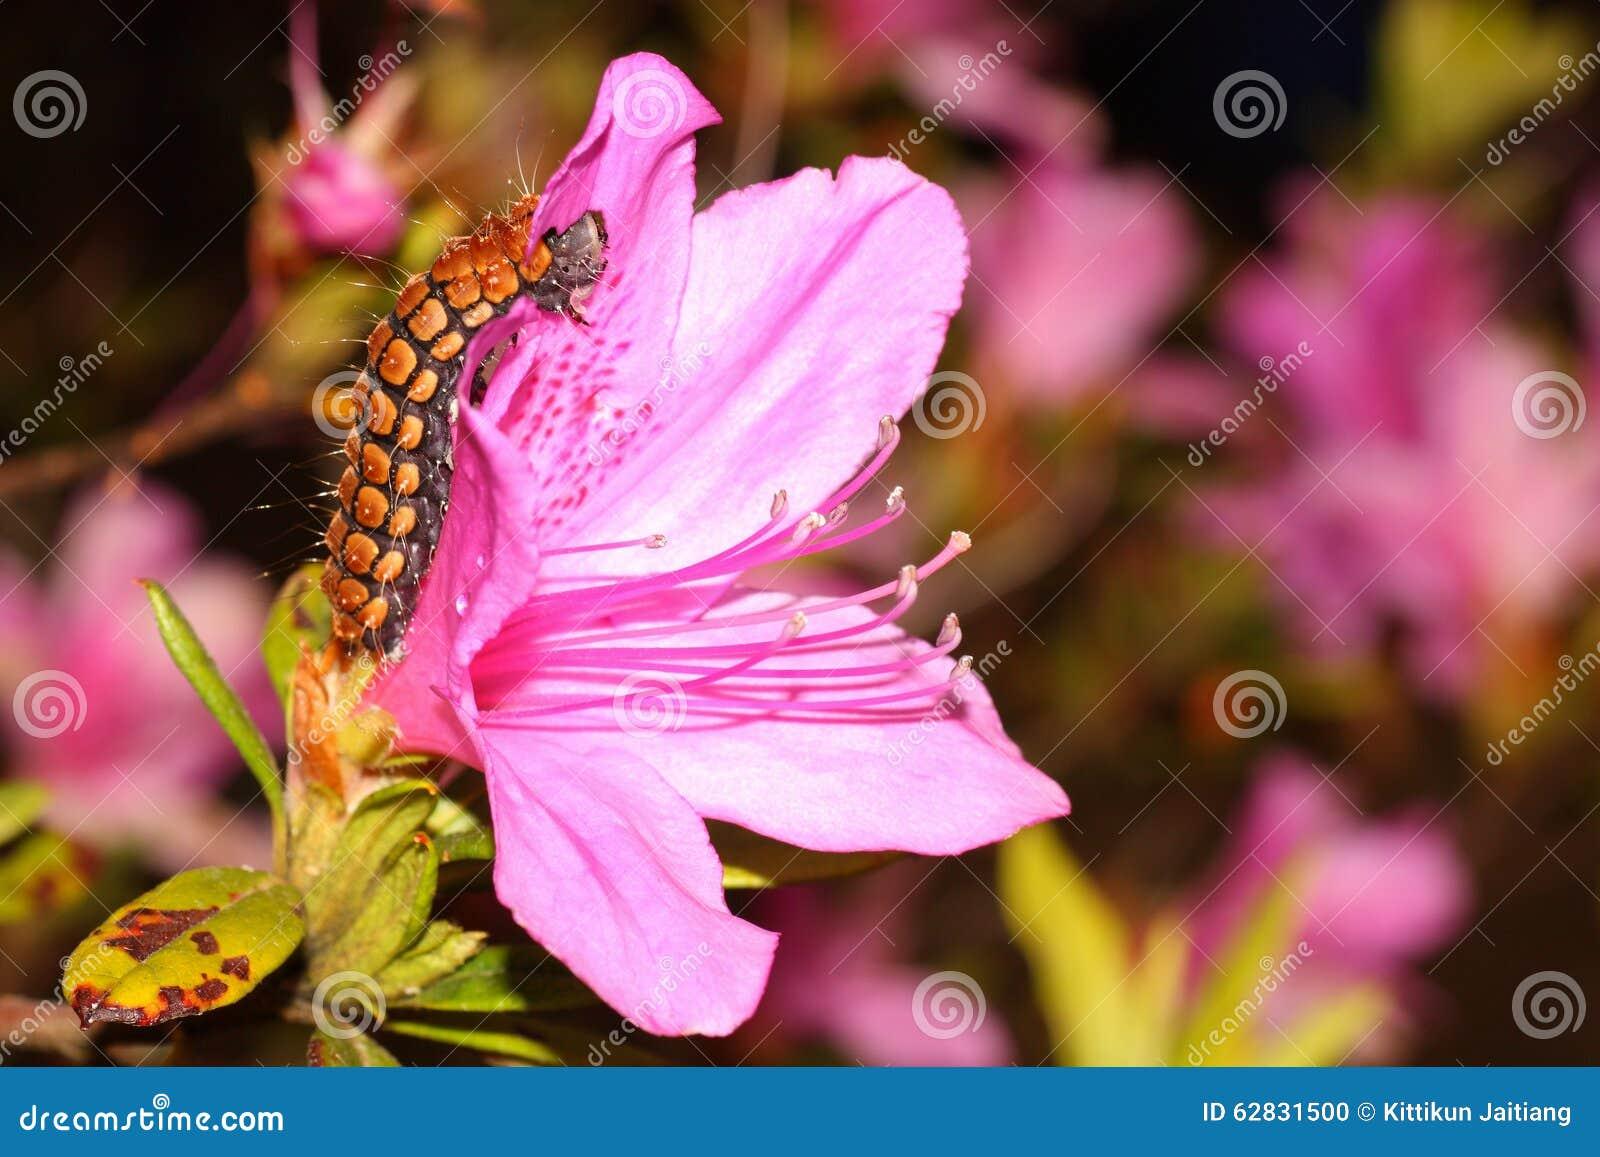 Ein großer Wurm auf der rosa Blume